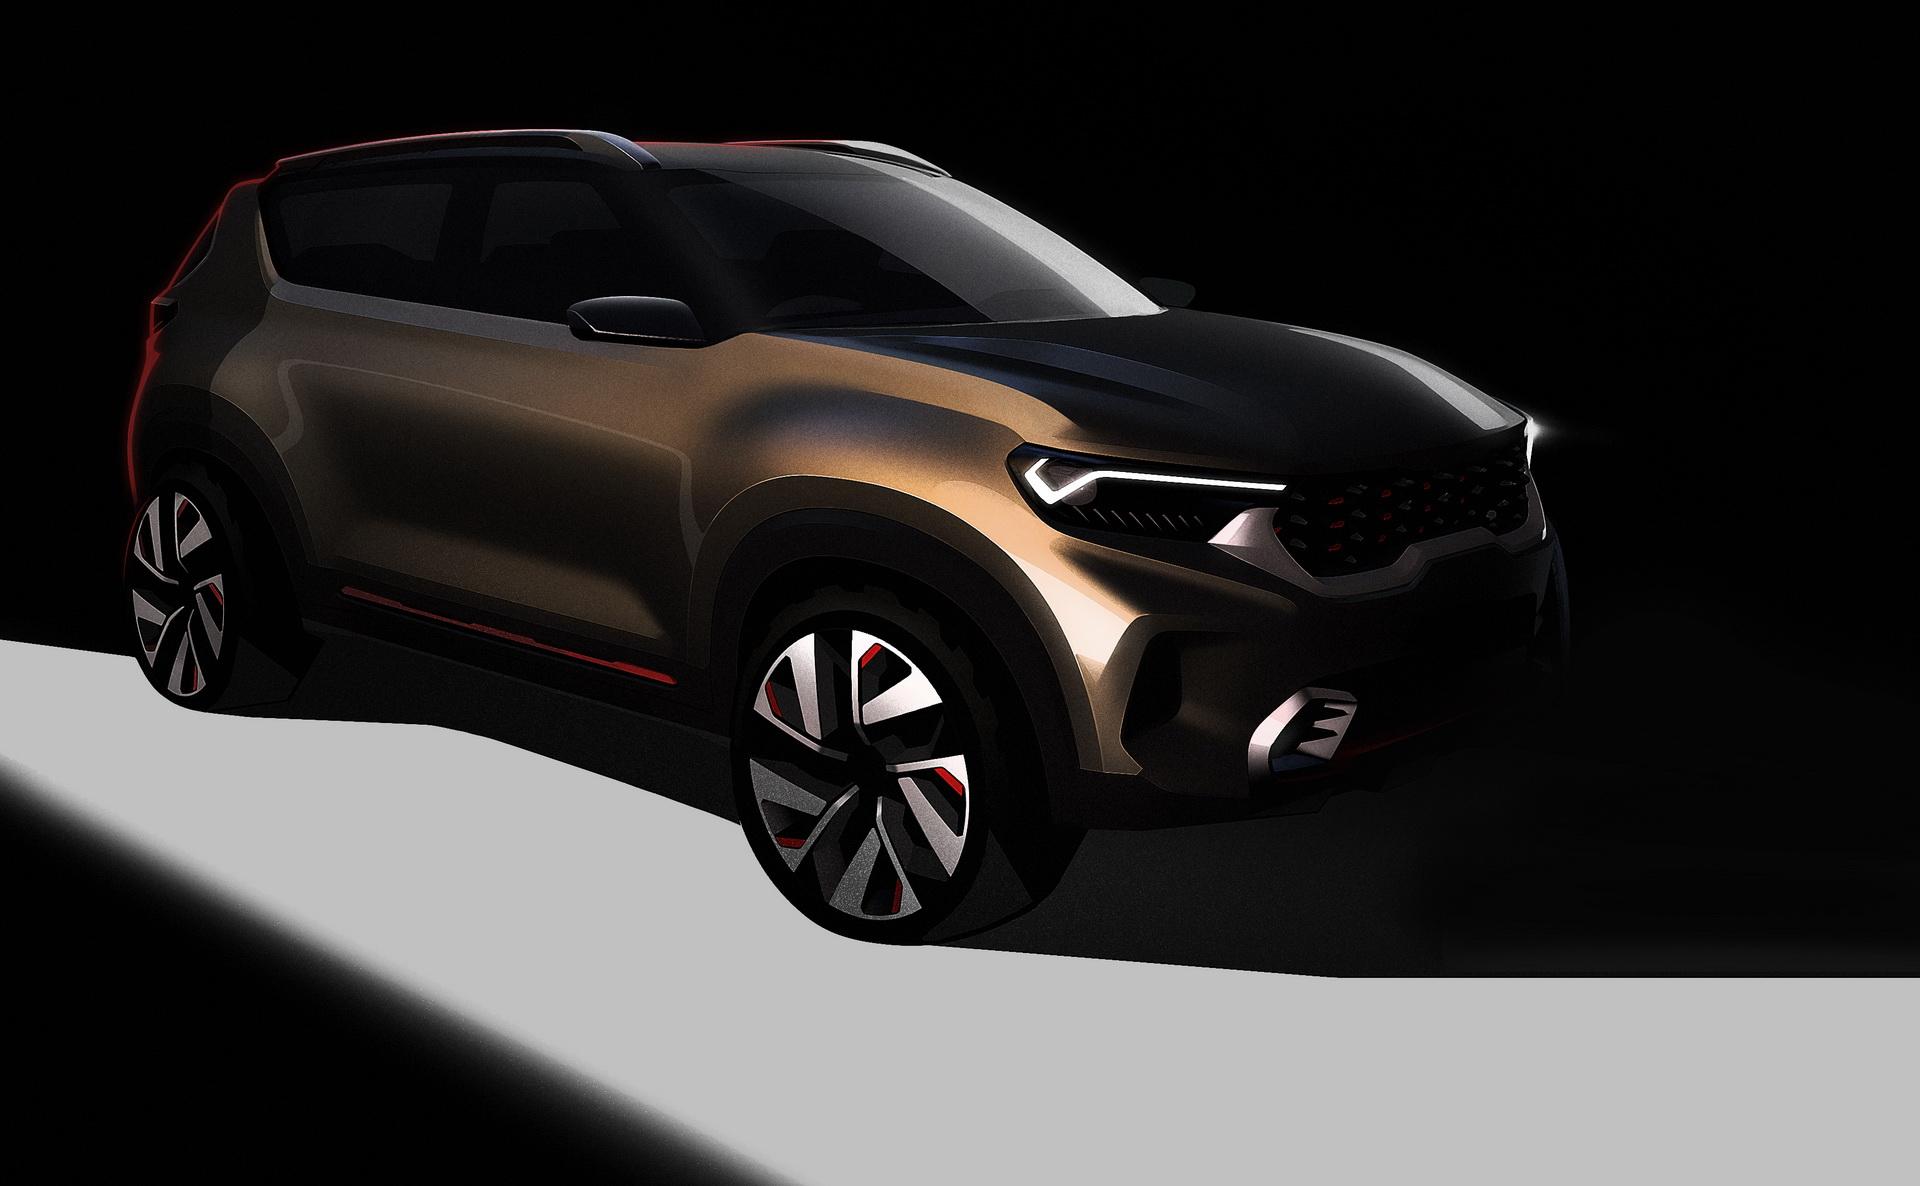 Kia vai revelar SUV compacto no salão automóvel da India